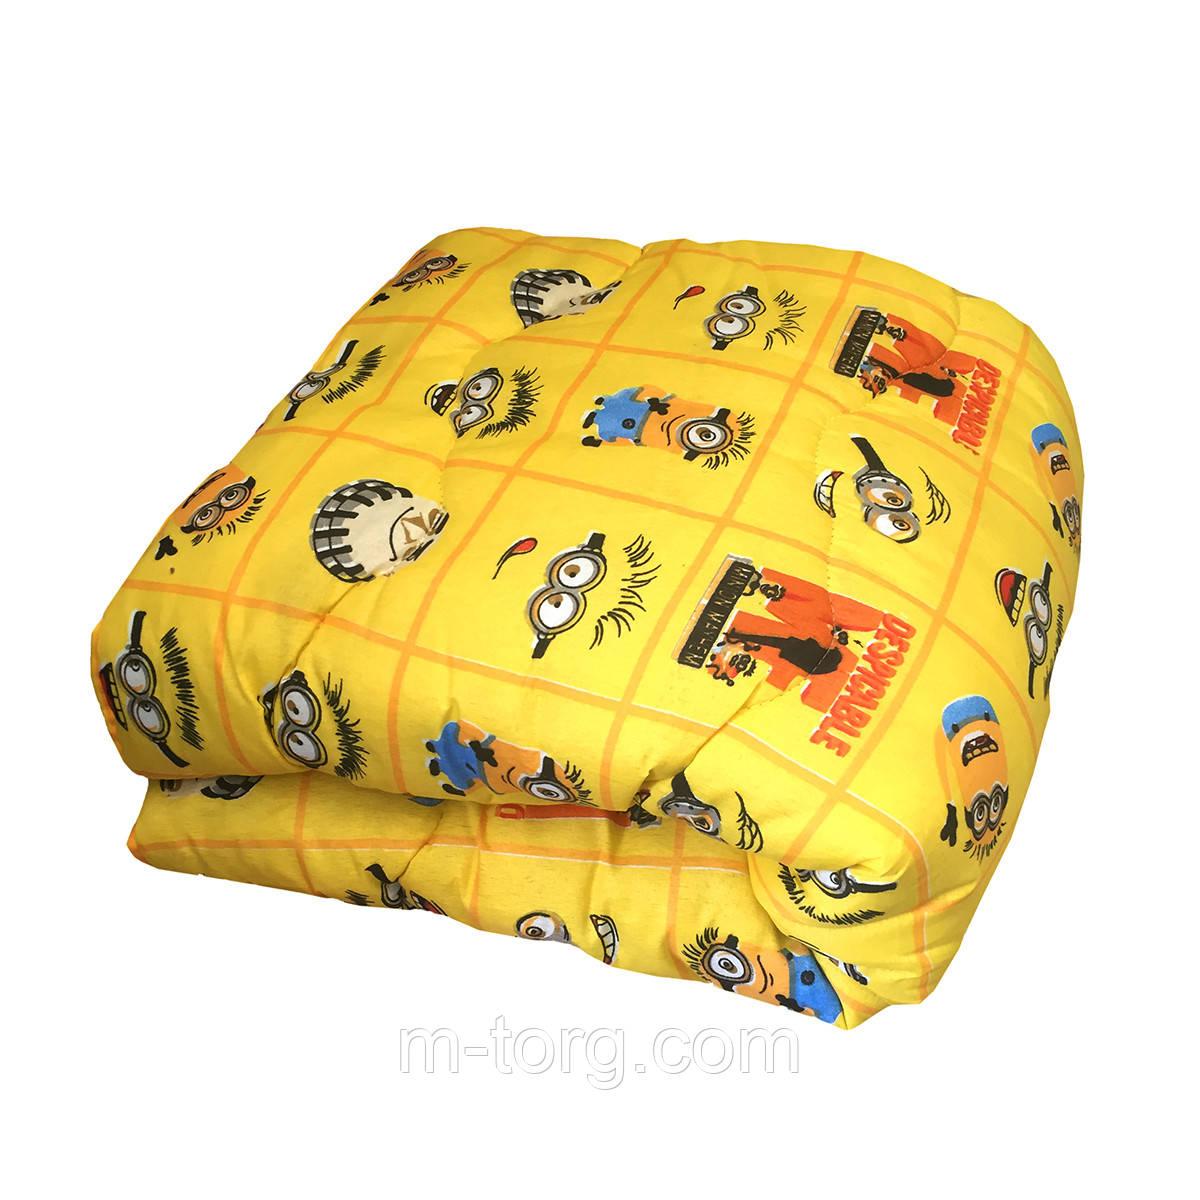 Одеяло детское холлофайбер 110/140 ткань поликоттон